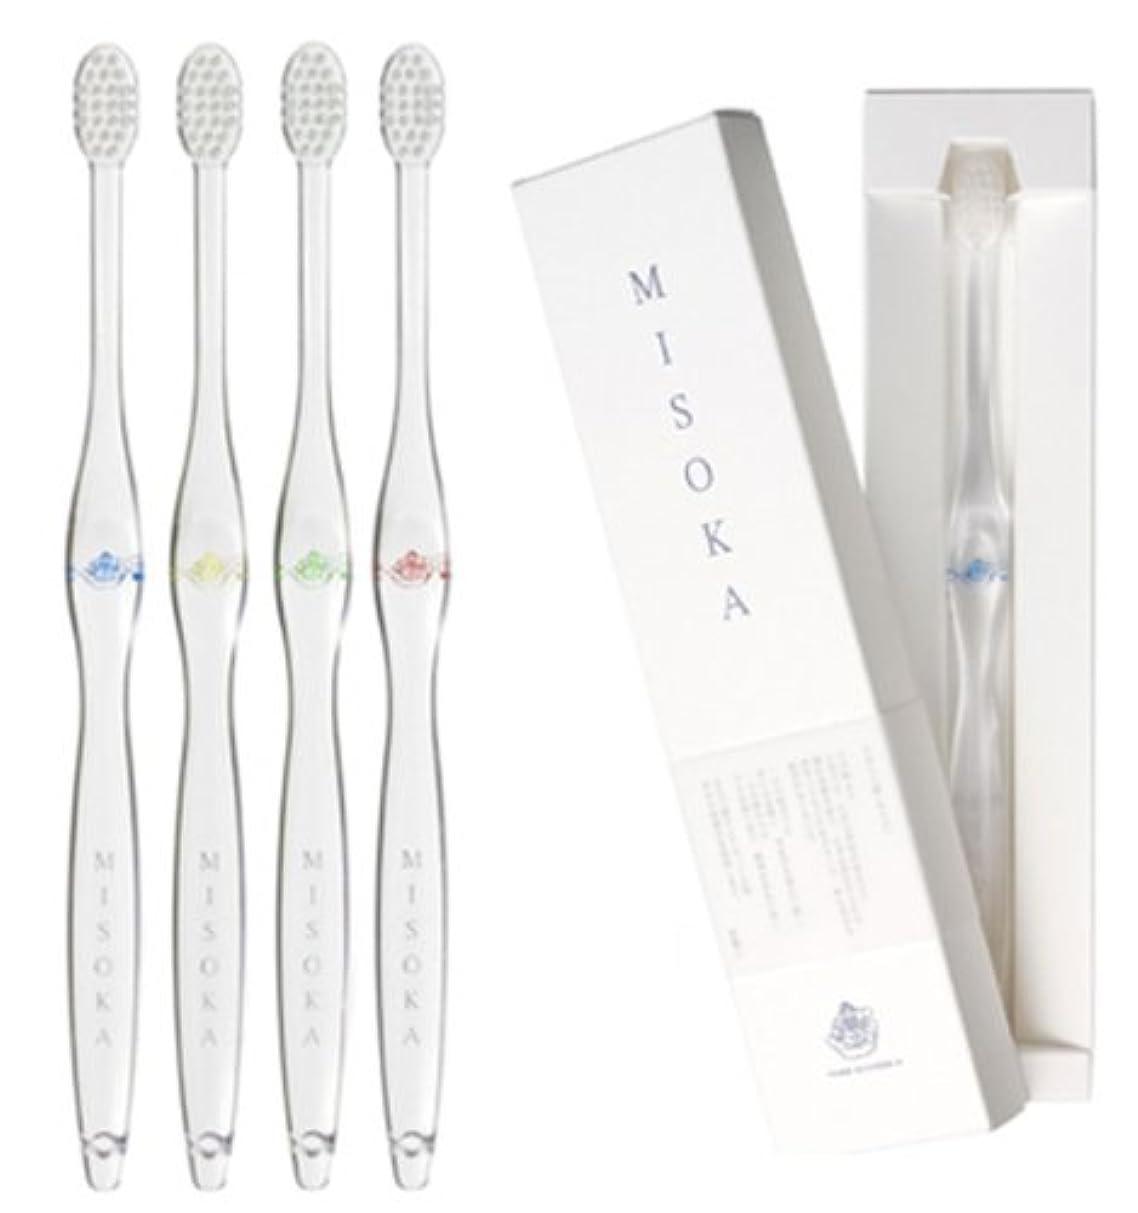 効率的土曜日やりがいのあるMISOKA 夢職人 魔法の歯ブラシ / M普通サイズ4本 / ミネラルでできているから歯磨き粉不要! / 旅行に便利! / ナノテク